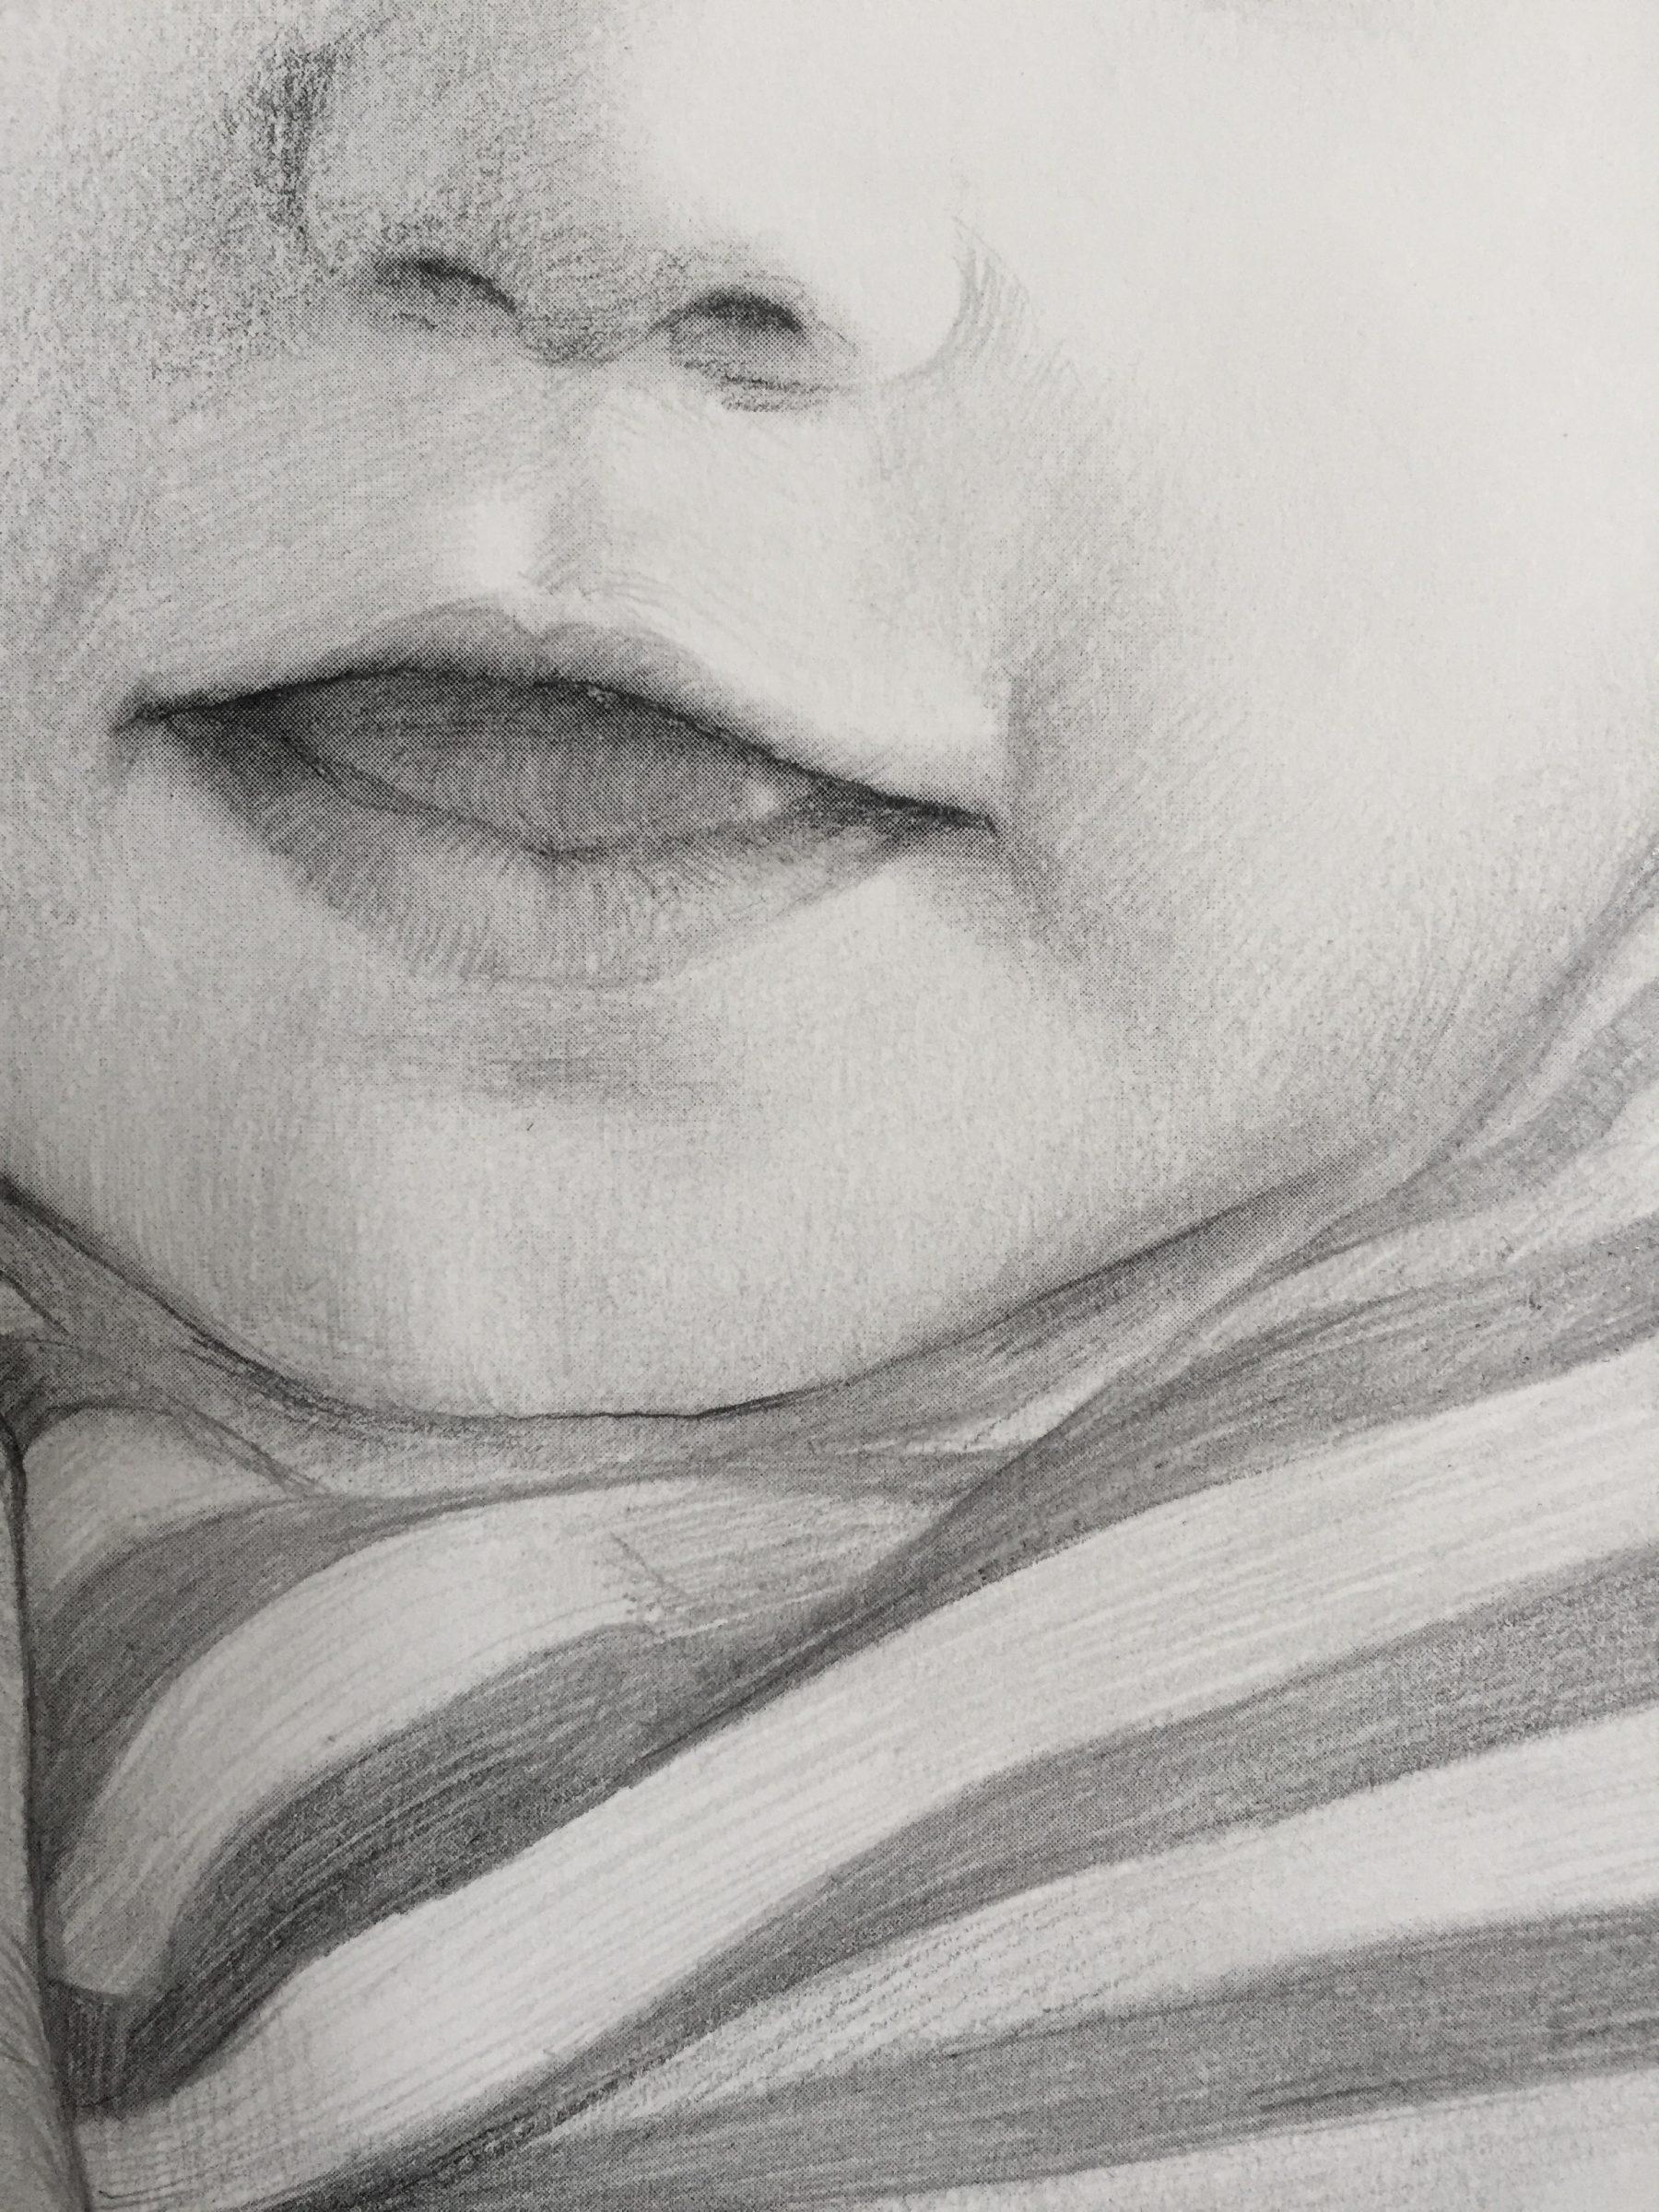 retratos-por-encargo-43-detalle-e1488877829657